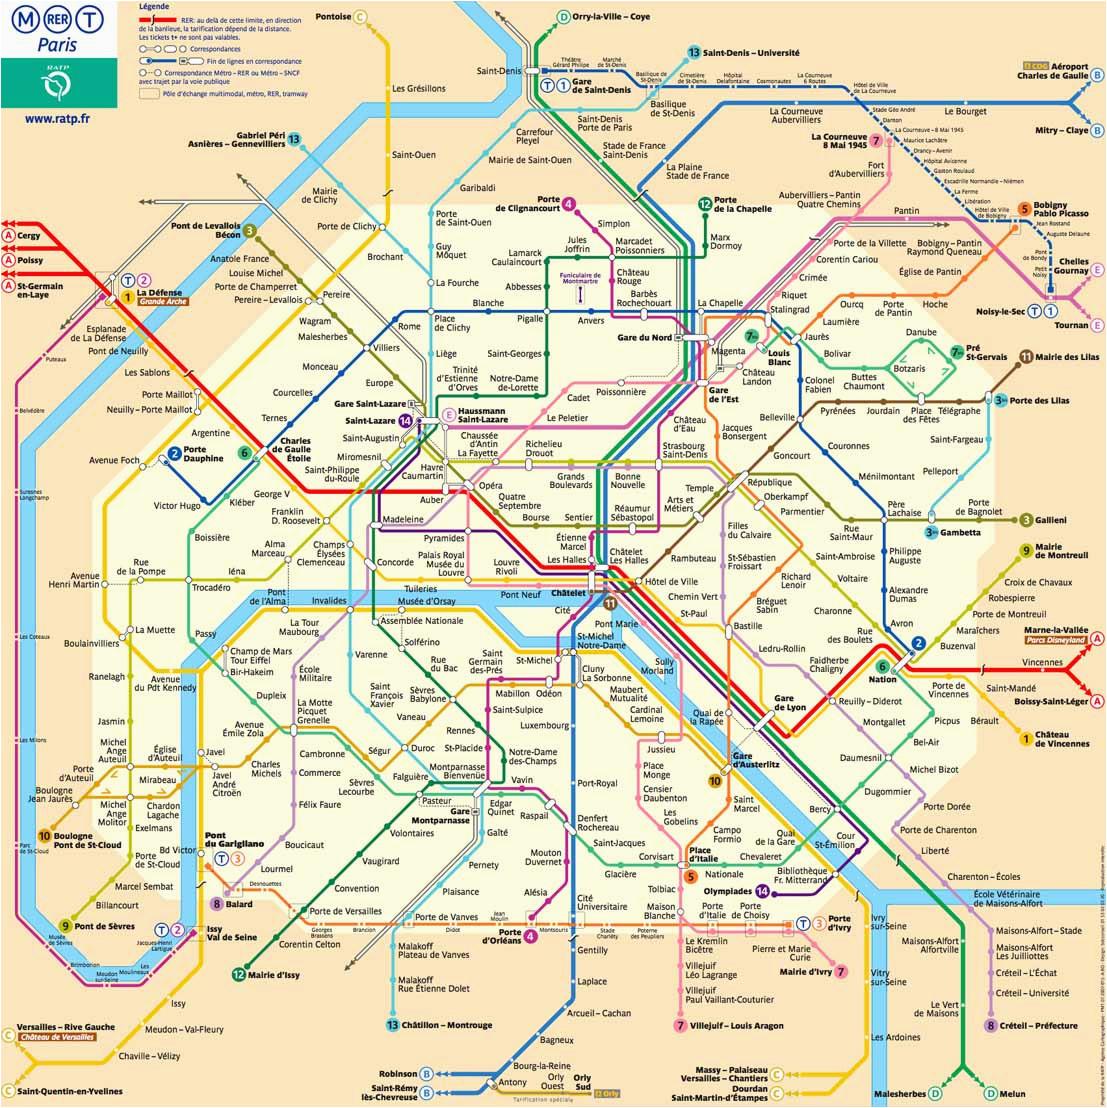 plan der pariser metro paris metroplan metronetz map